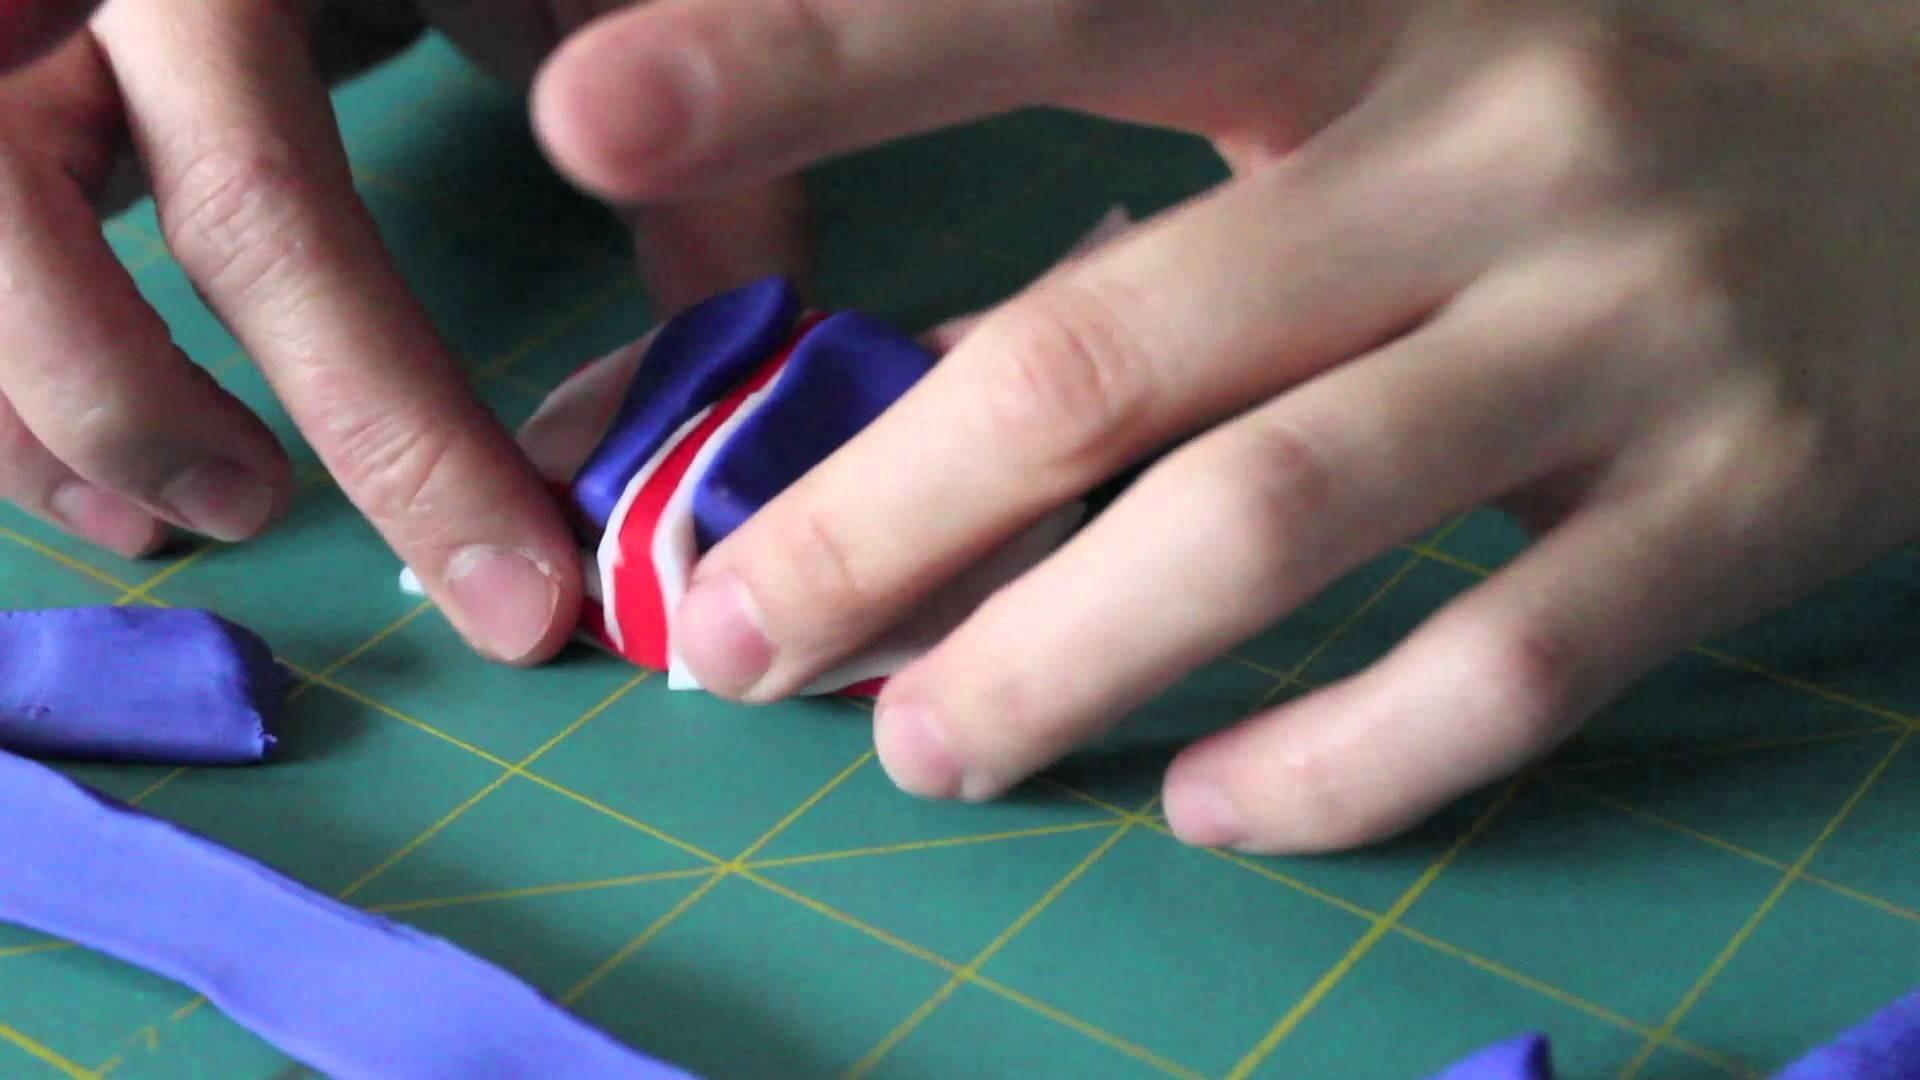 #23 How to make Union Jack